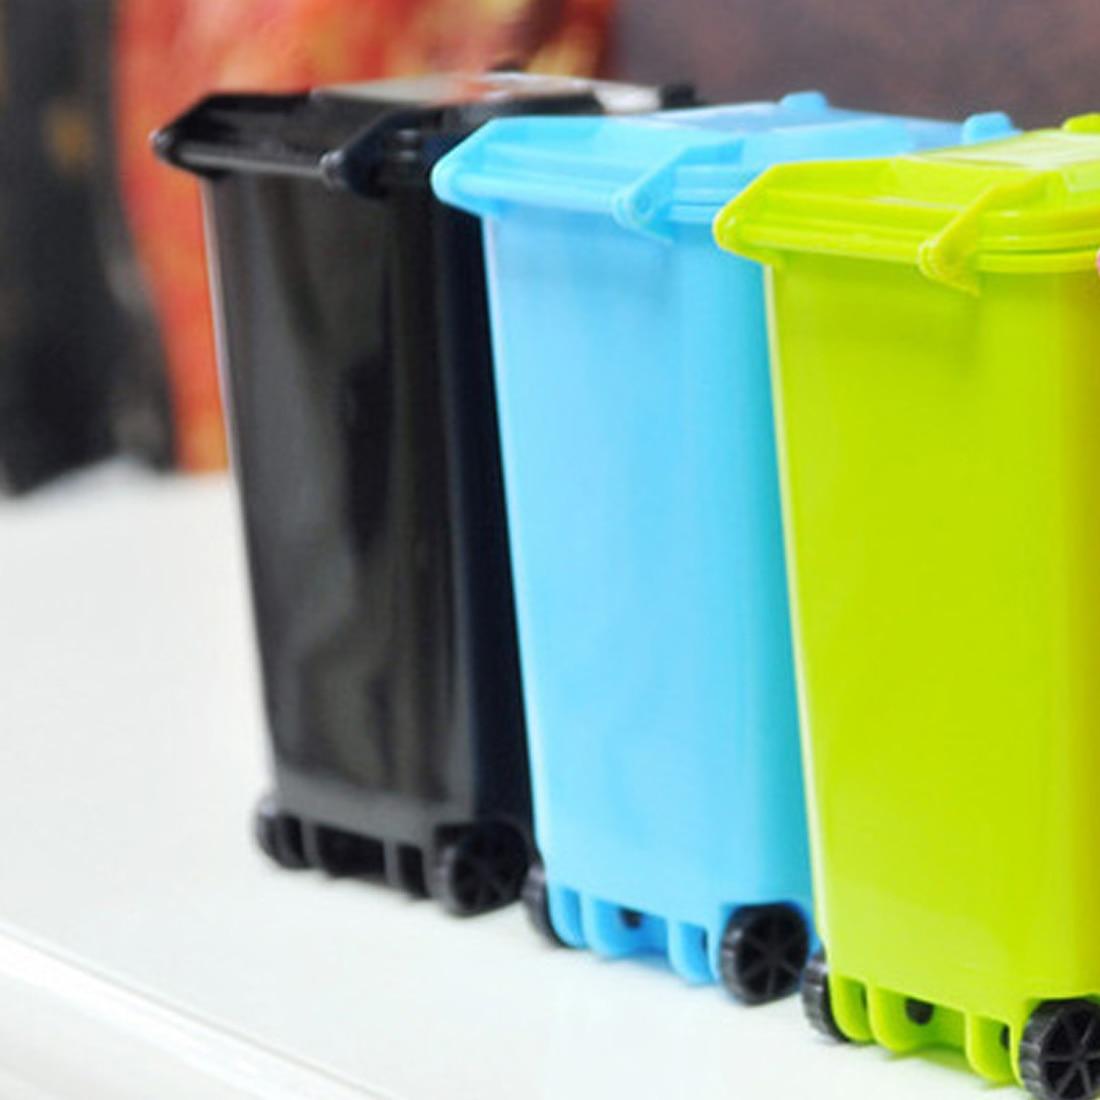 Cubo de basura colorido y alta calidad reciclaje Mini contenedor de almacenamiento titular de la pluma para el hogar o al aire libre